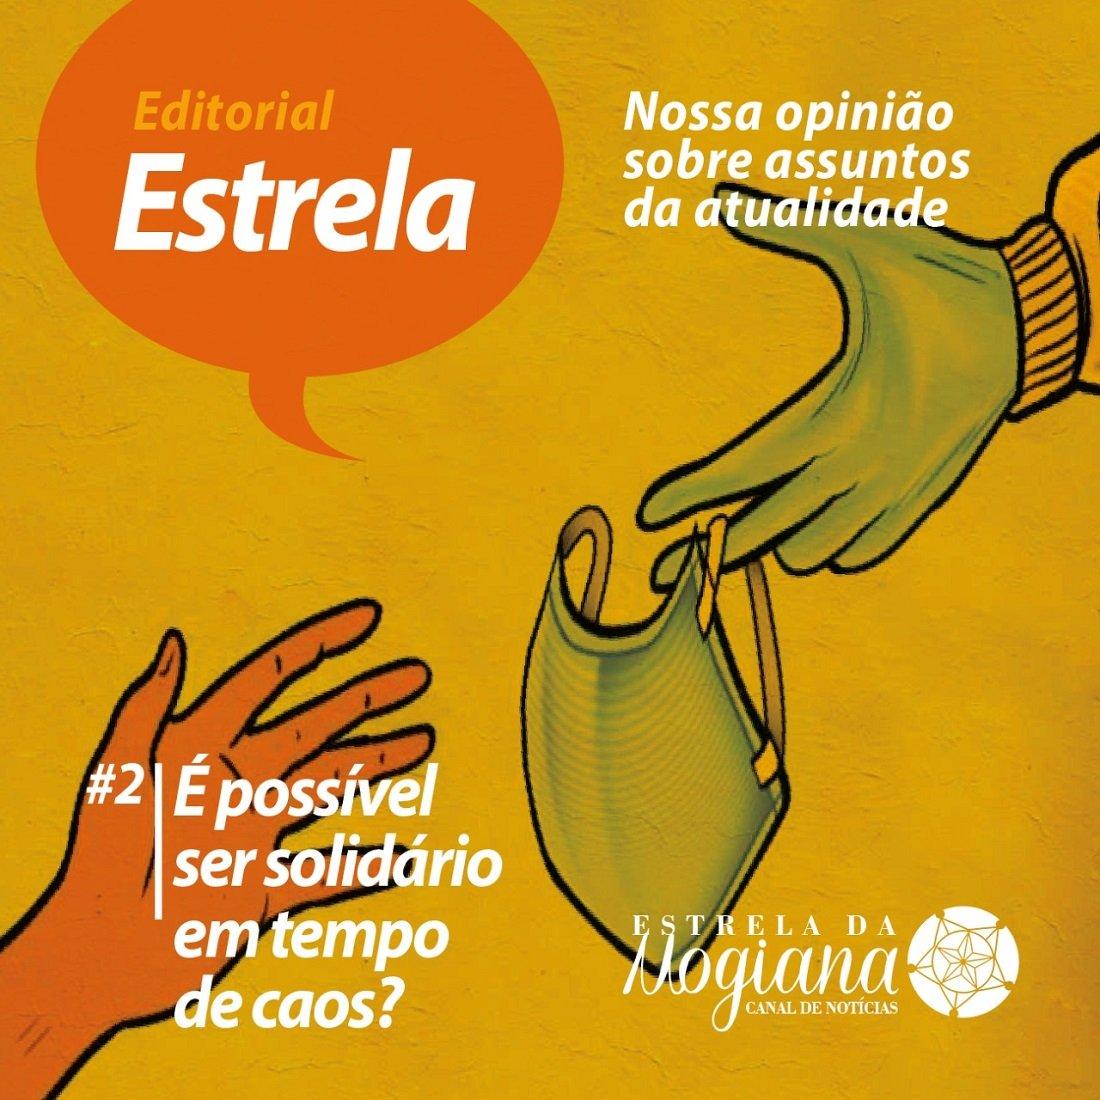 A união e solidariedade podem salvar vidas